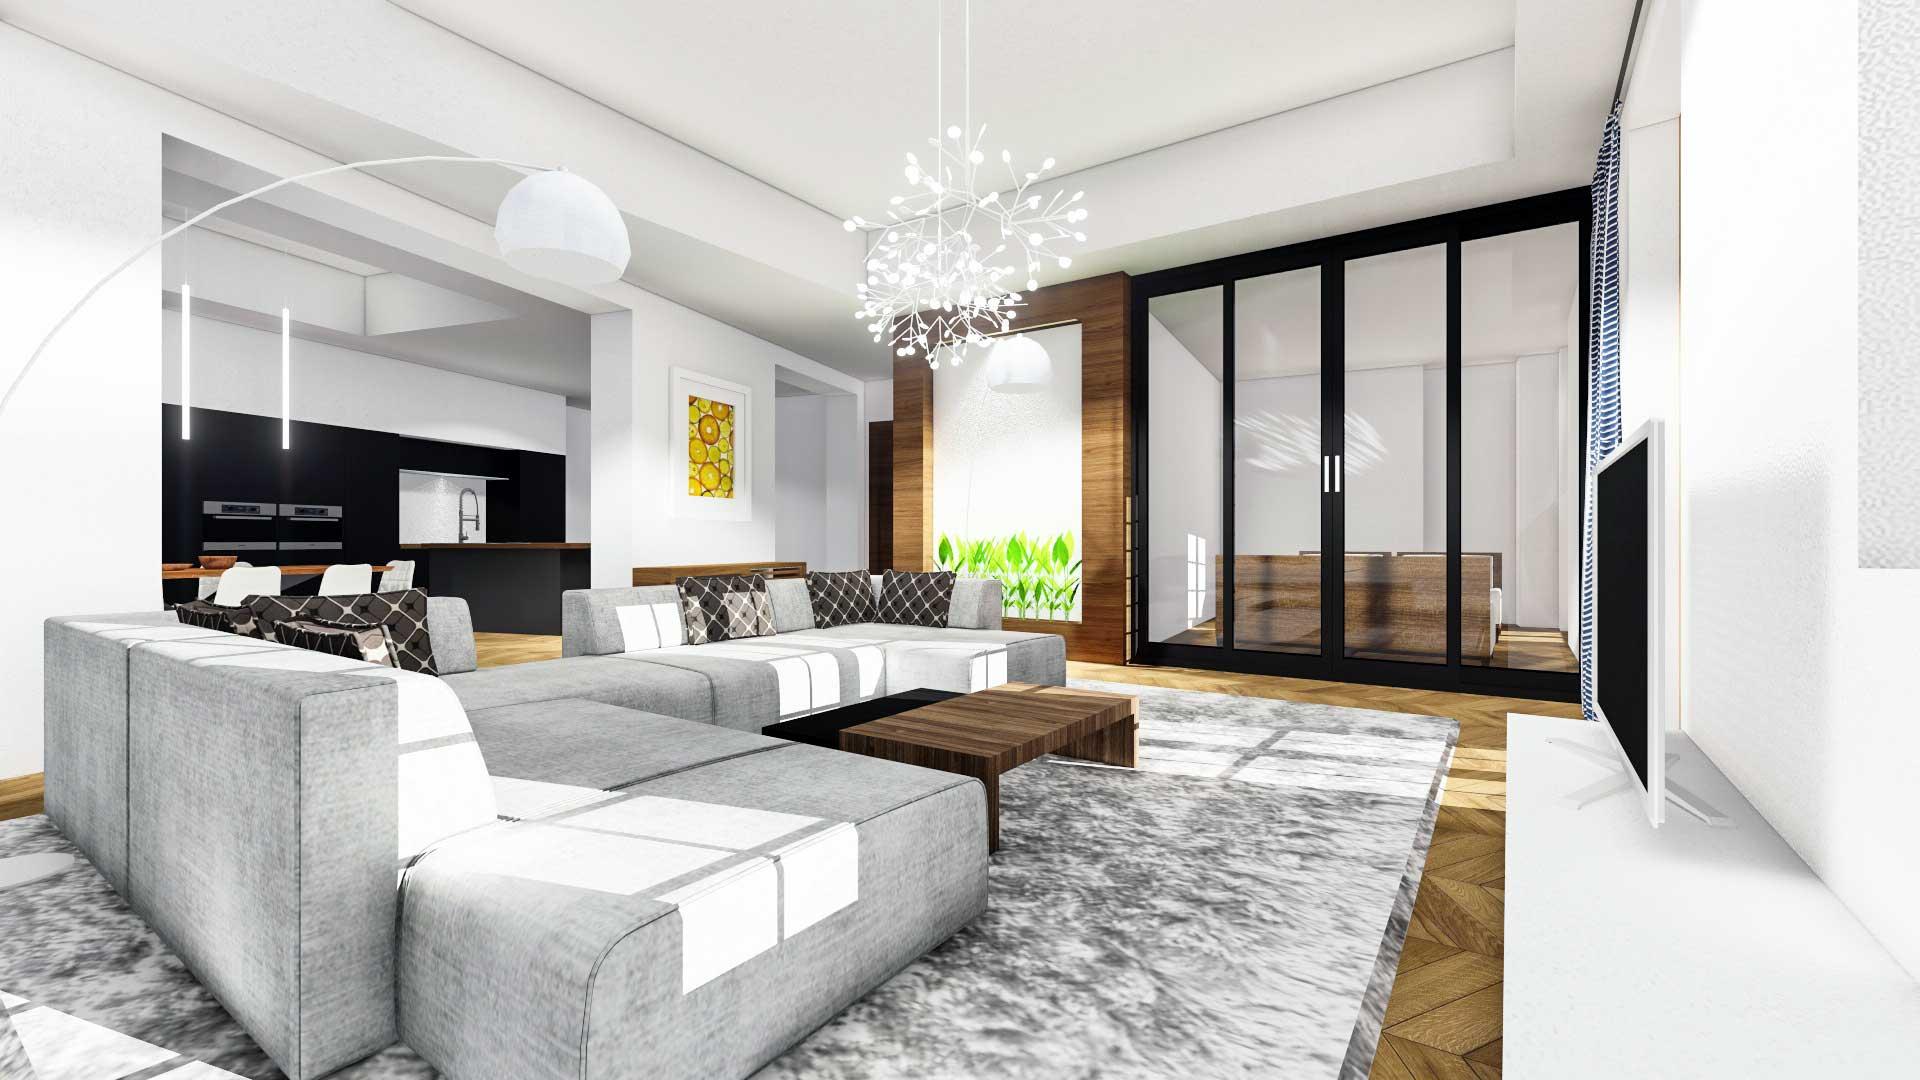 21 idee per frazionare un appartamento fotogallery  idealistanews